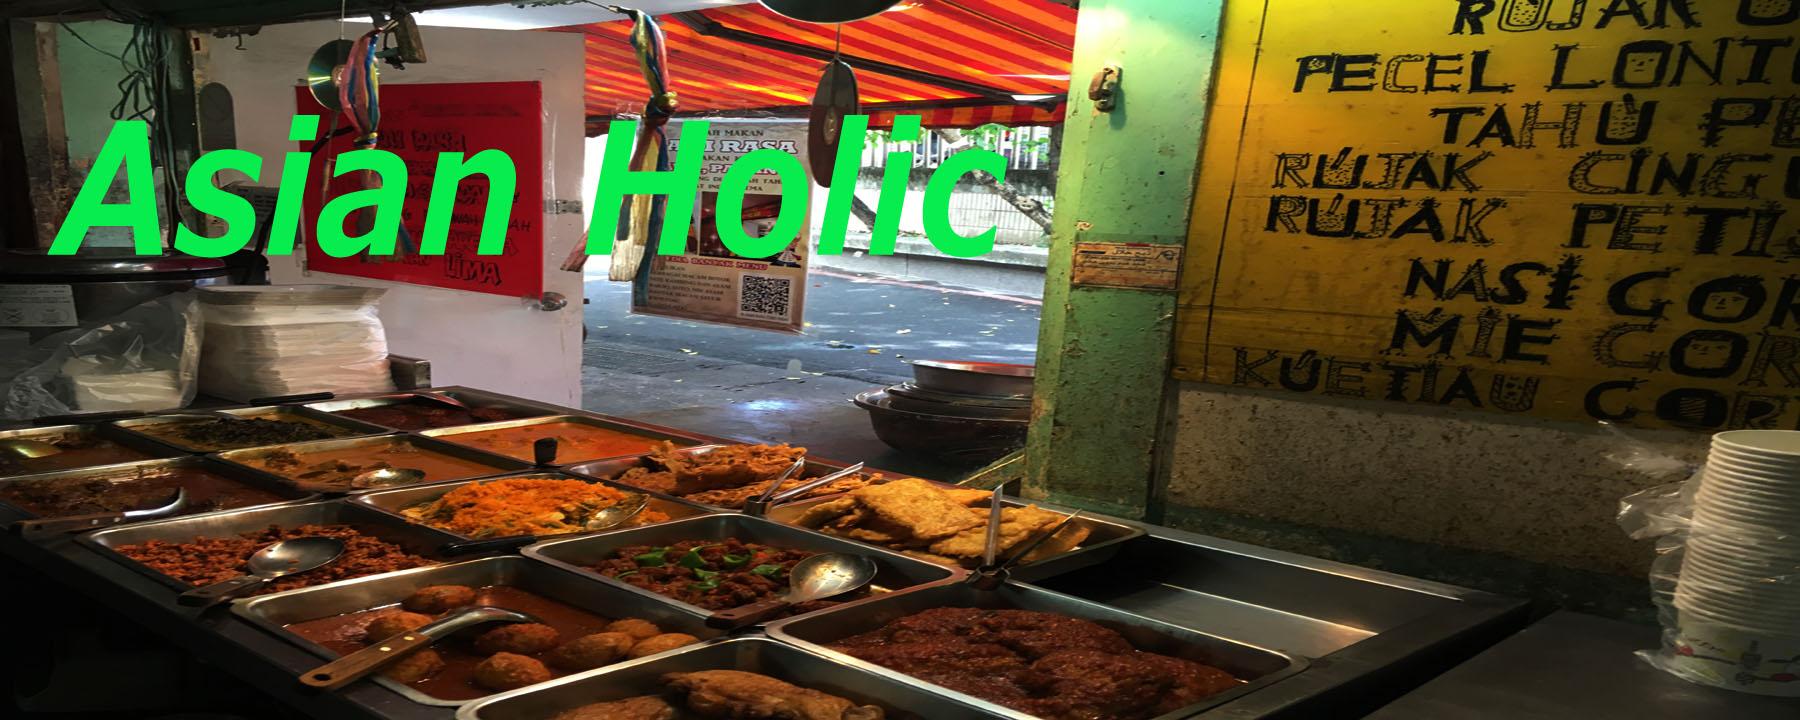 Asia Holic